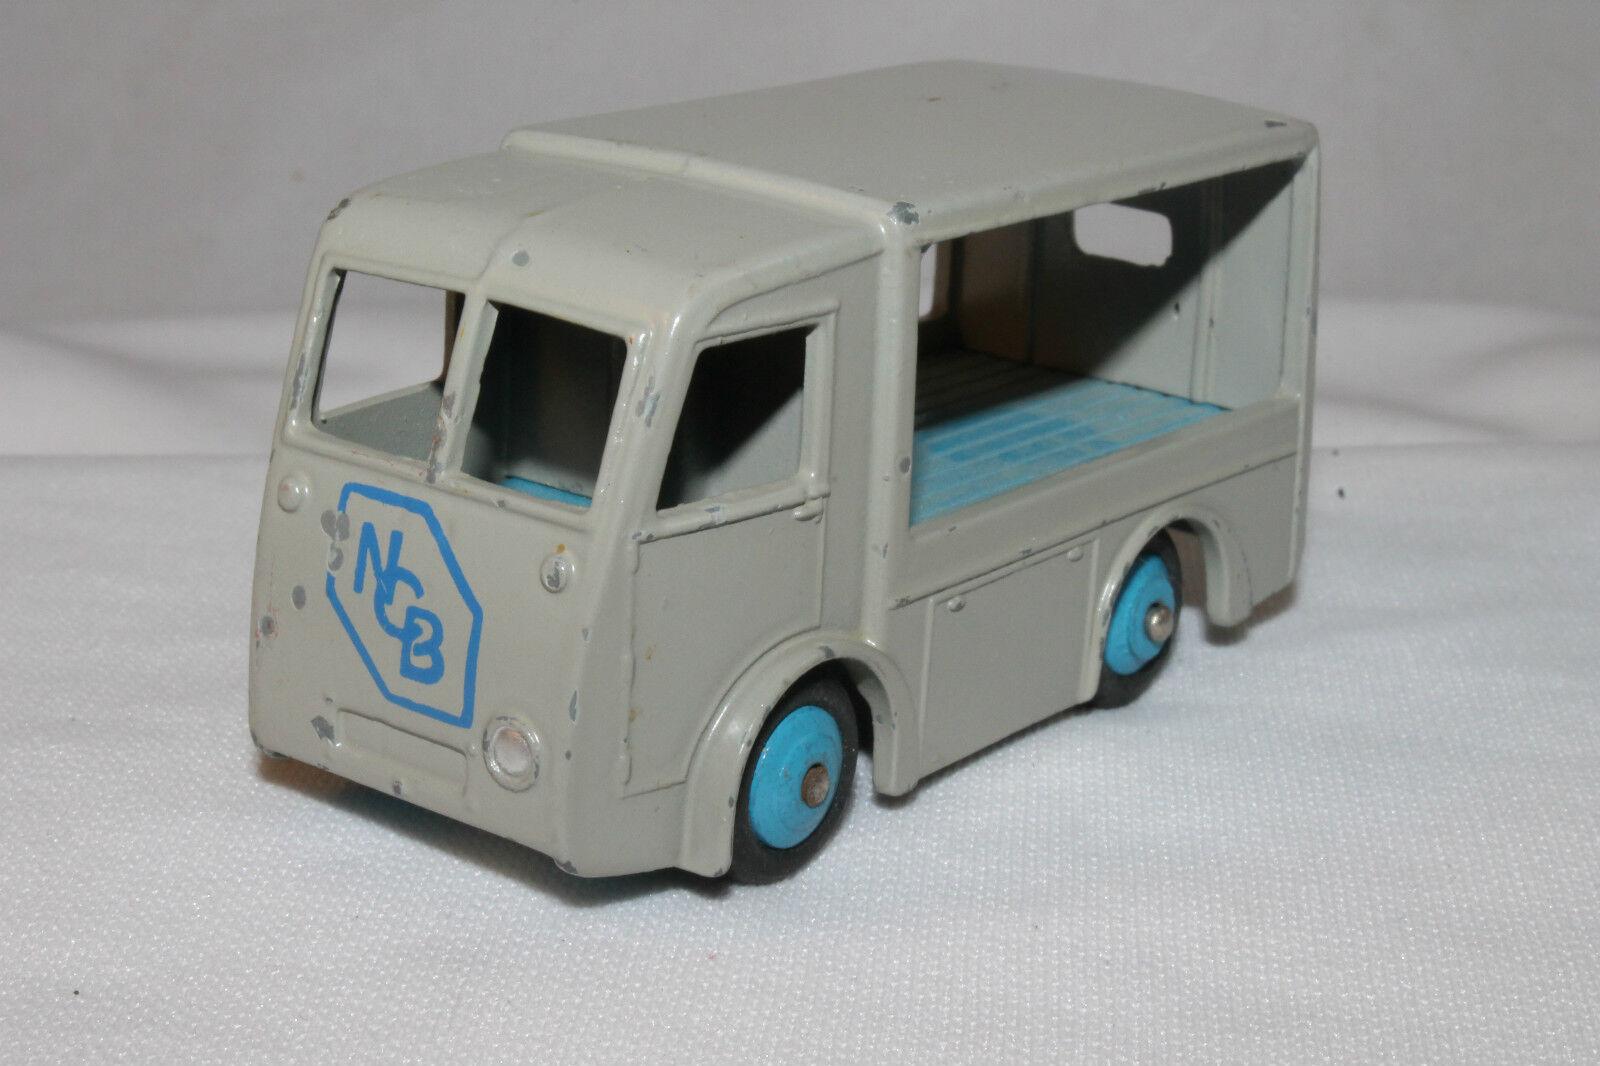 1950 ist dinky   30 v, des elektro - van, schöne ursprüngliche